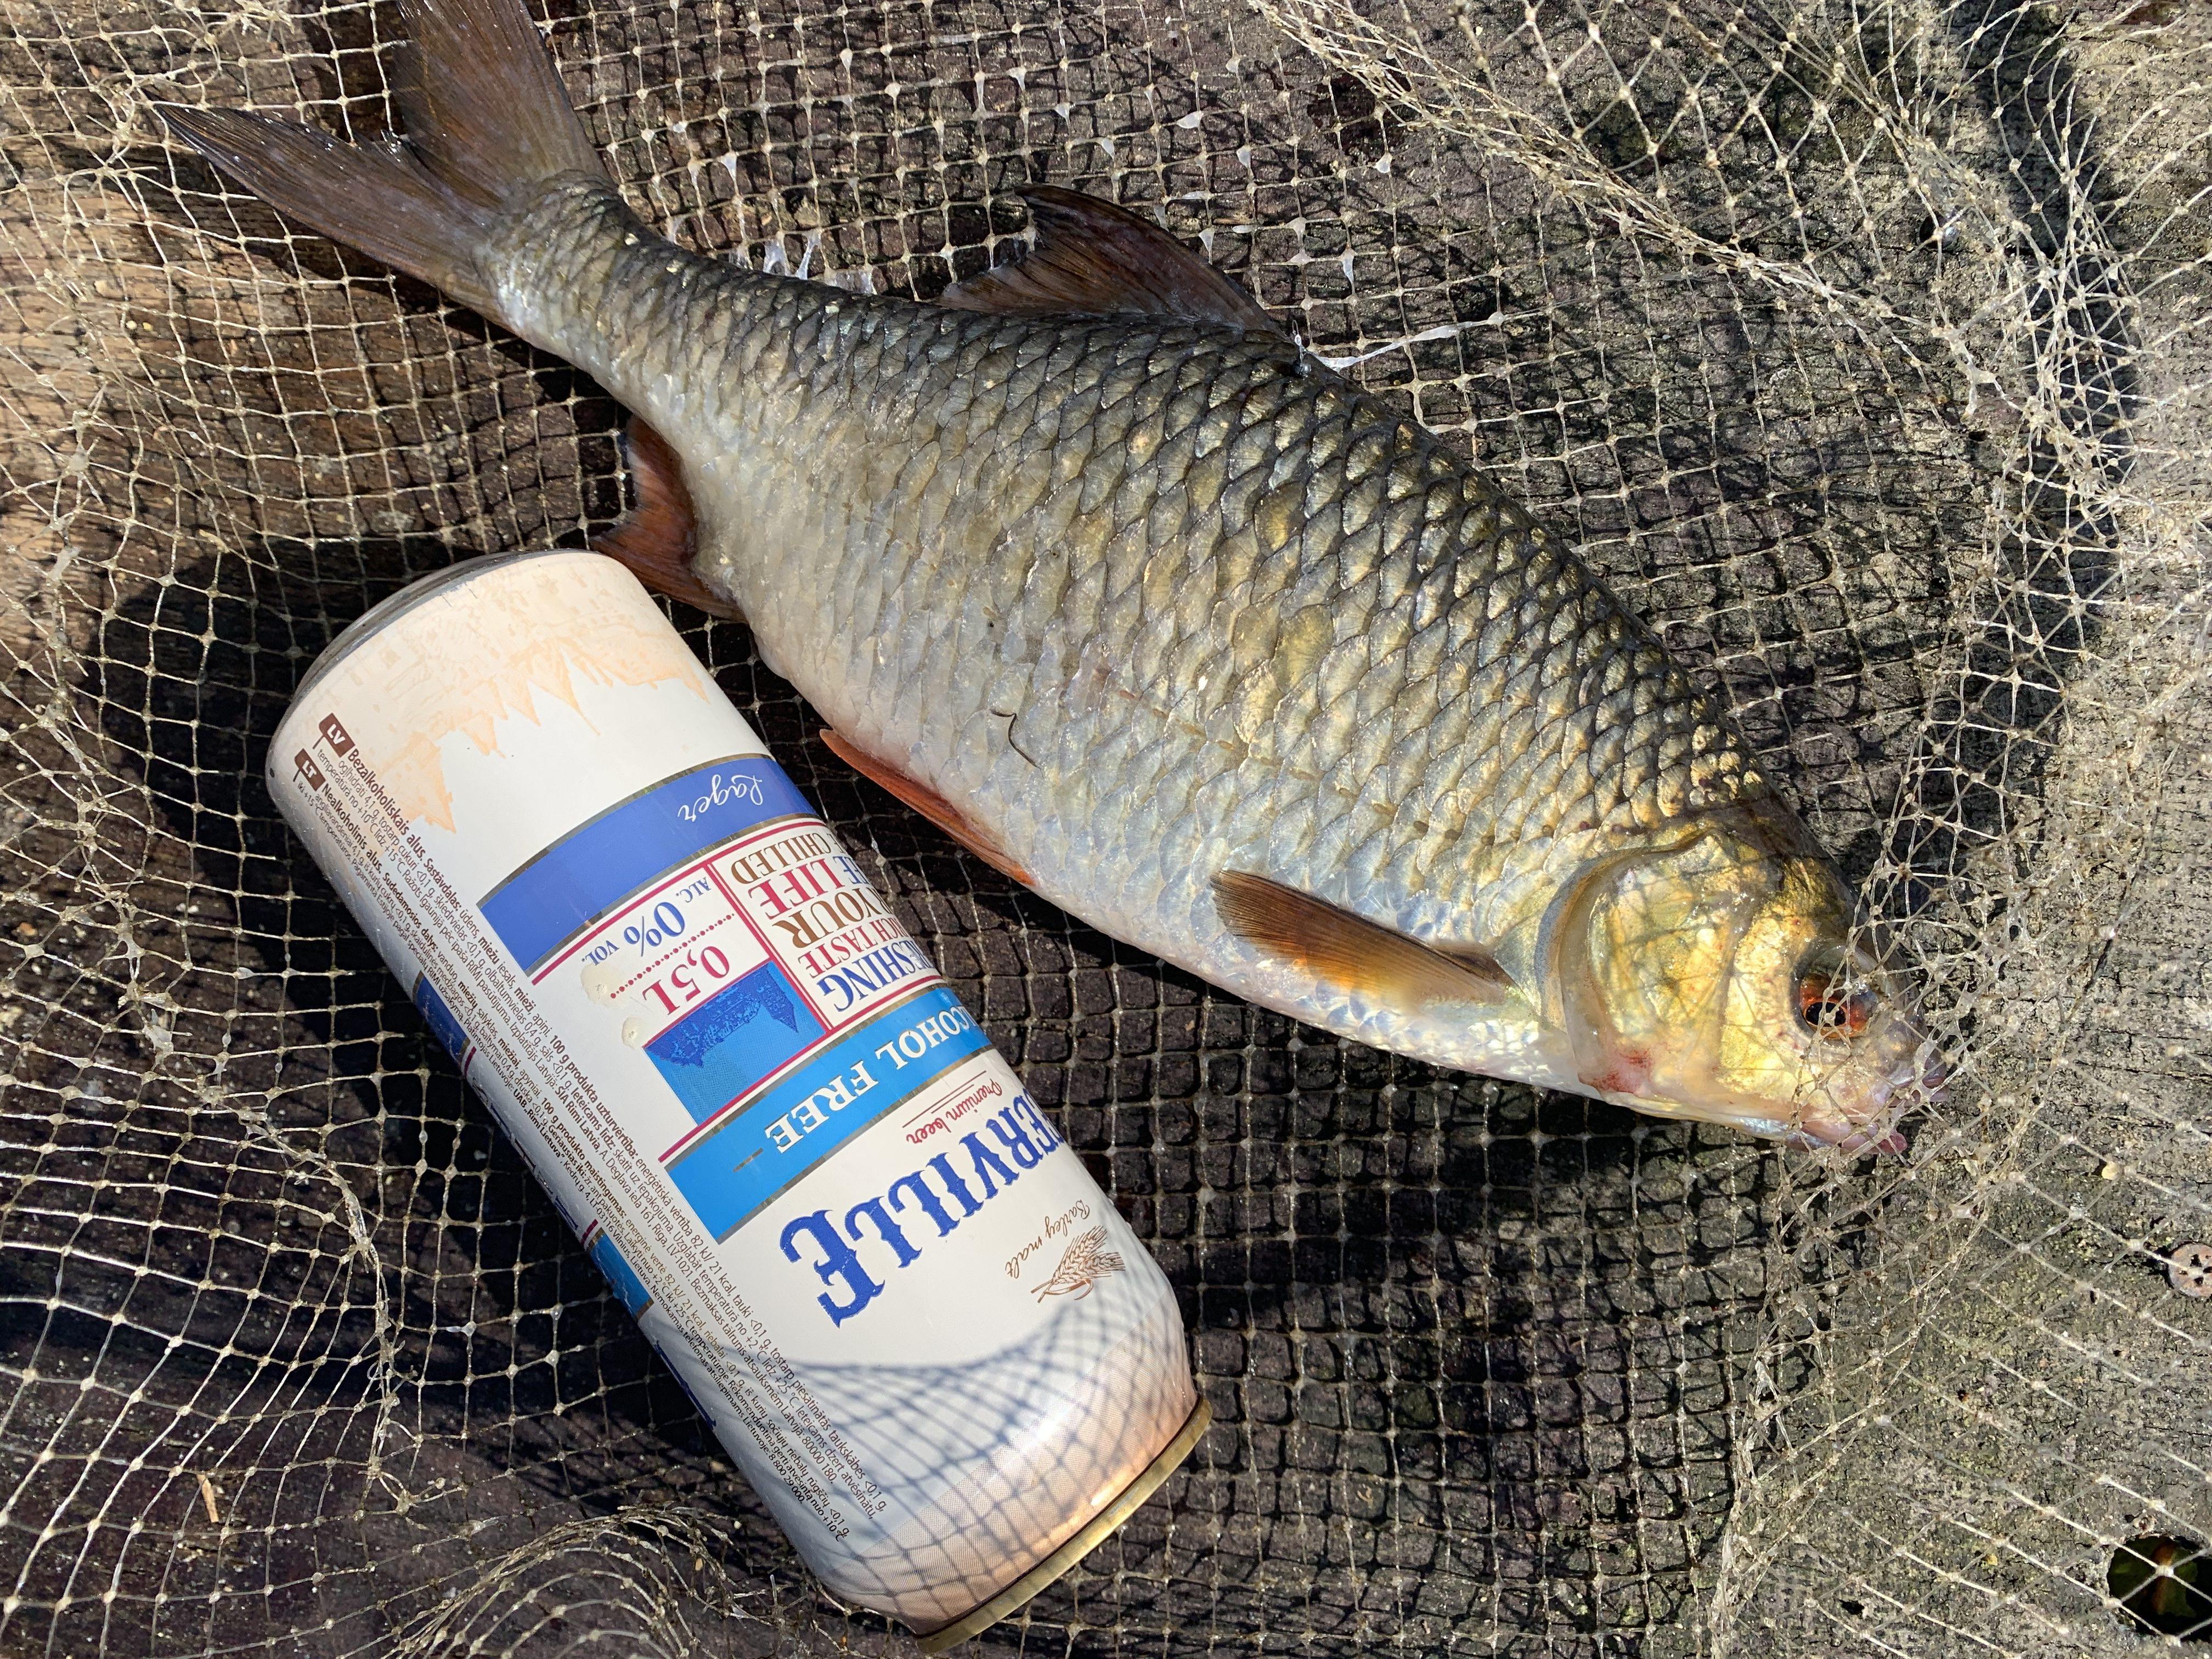 рыбалка ловля крупной плотвы в сентябре на удочку Лиелупе пейзажи природы Альберт Сафиуллин